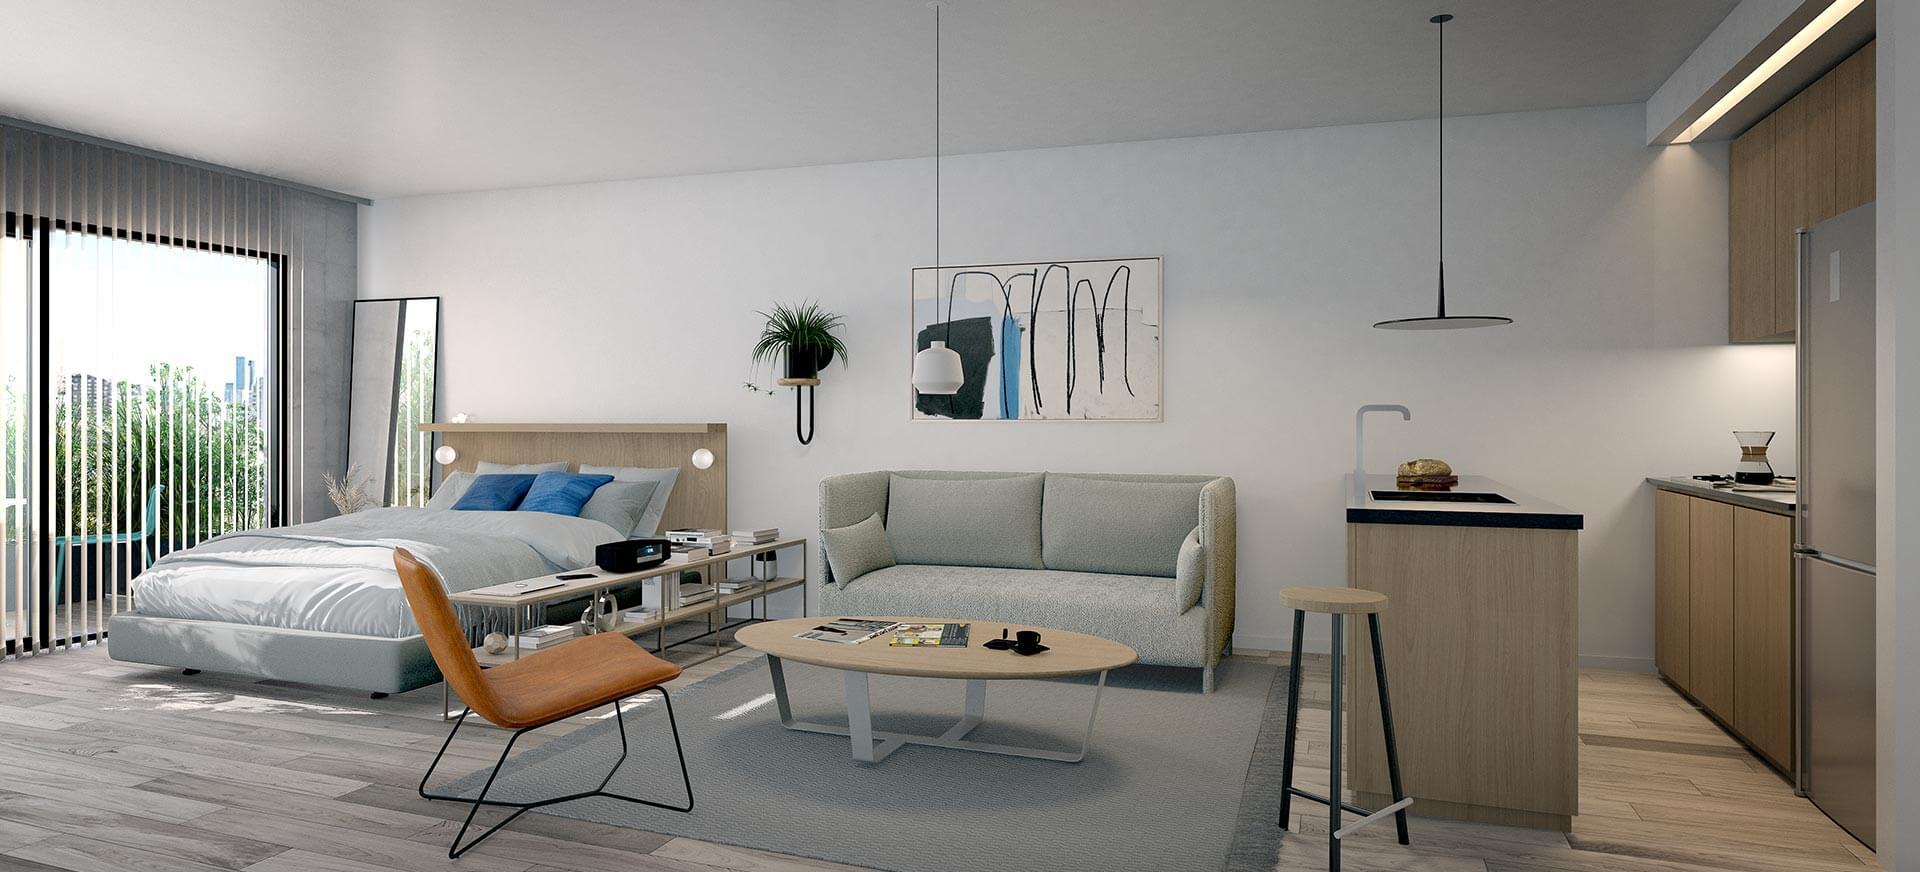 Departamento Monoambientes con Balcón - Superficie Total: 36 m2